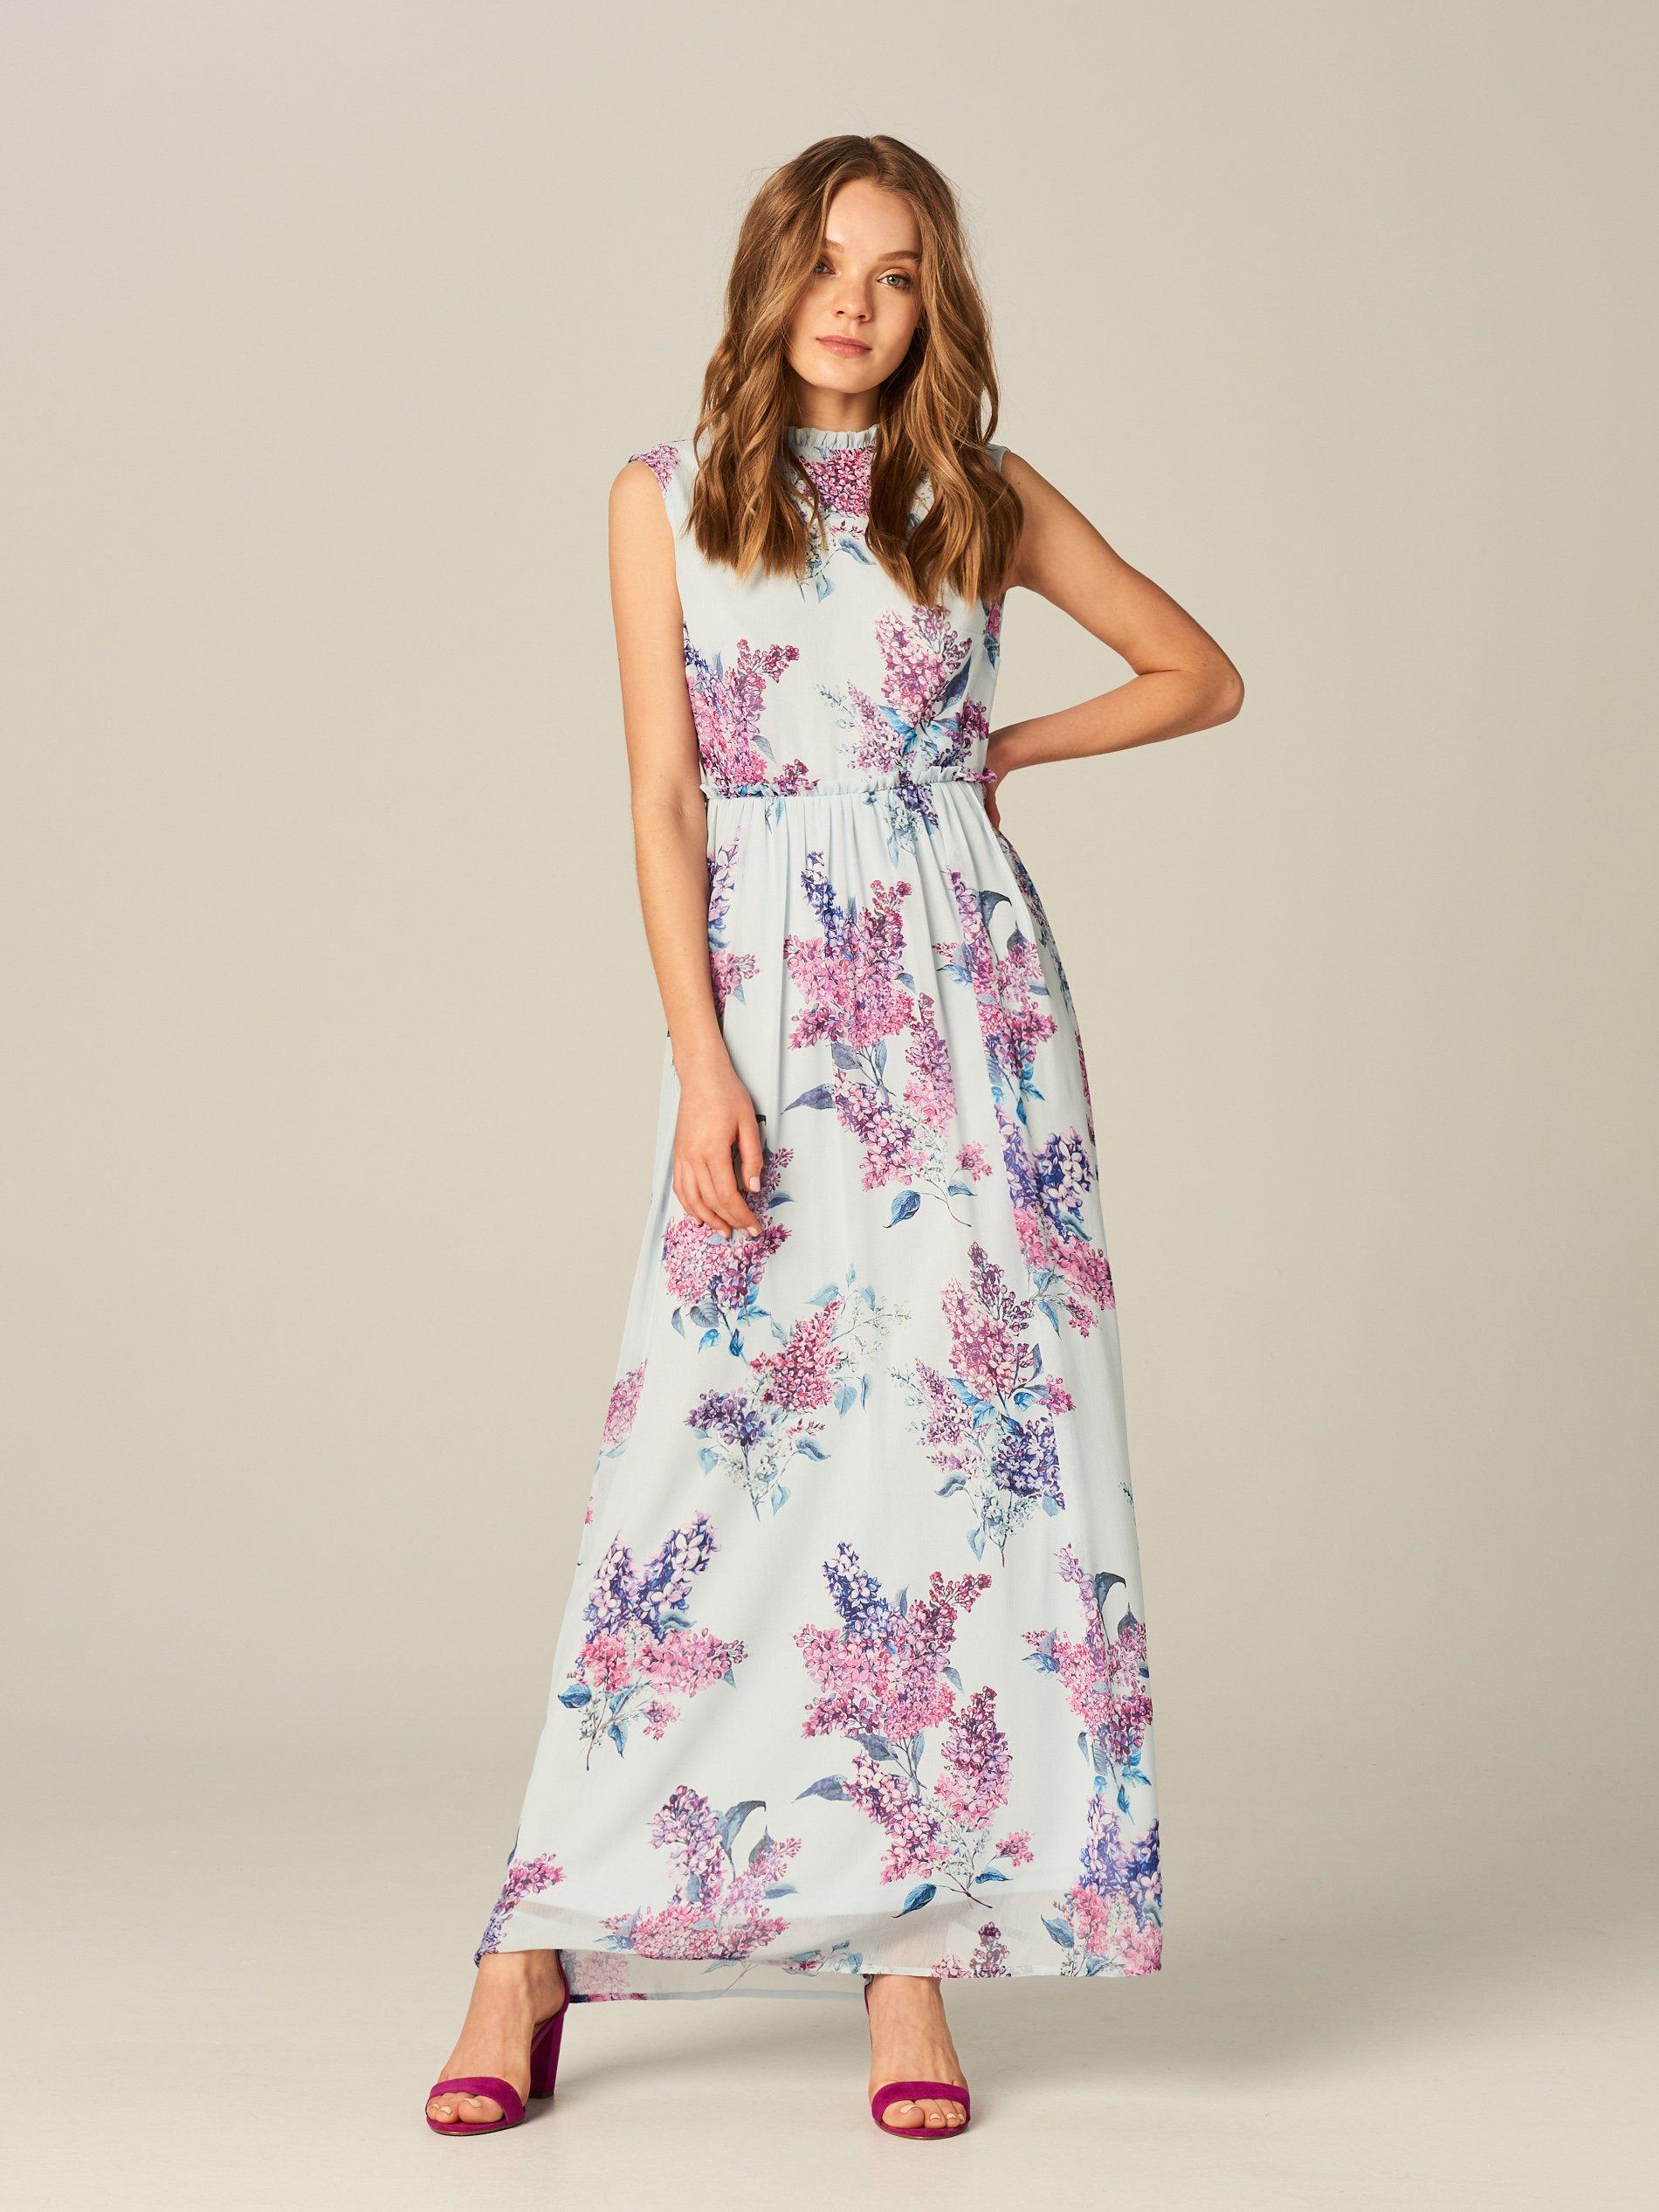 79f9cd92c6 MOHITO Szyfonowa sukienka maxi w kwiaty - 34 - 7416399633 ...